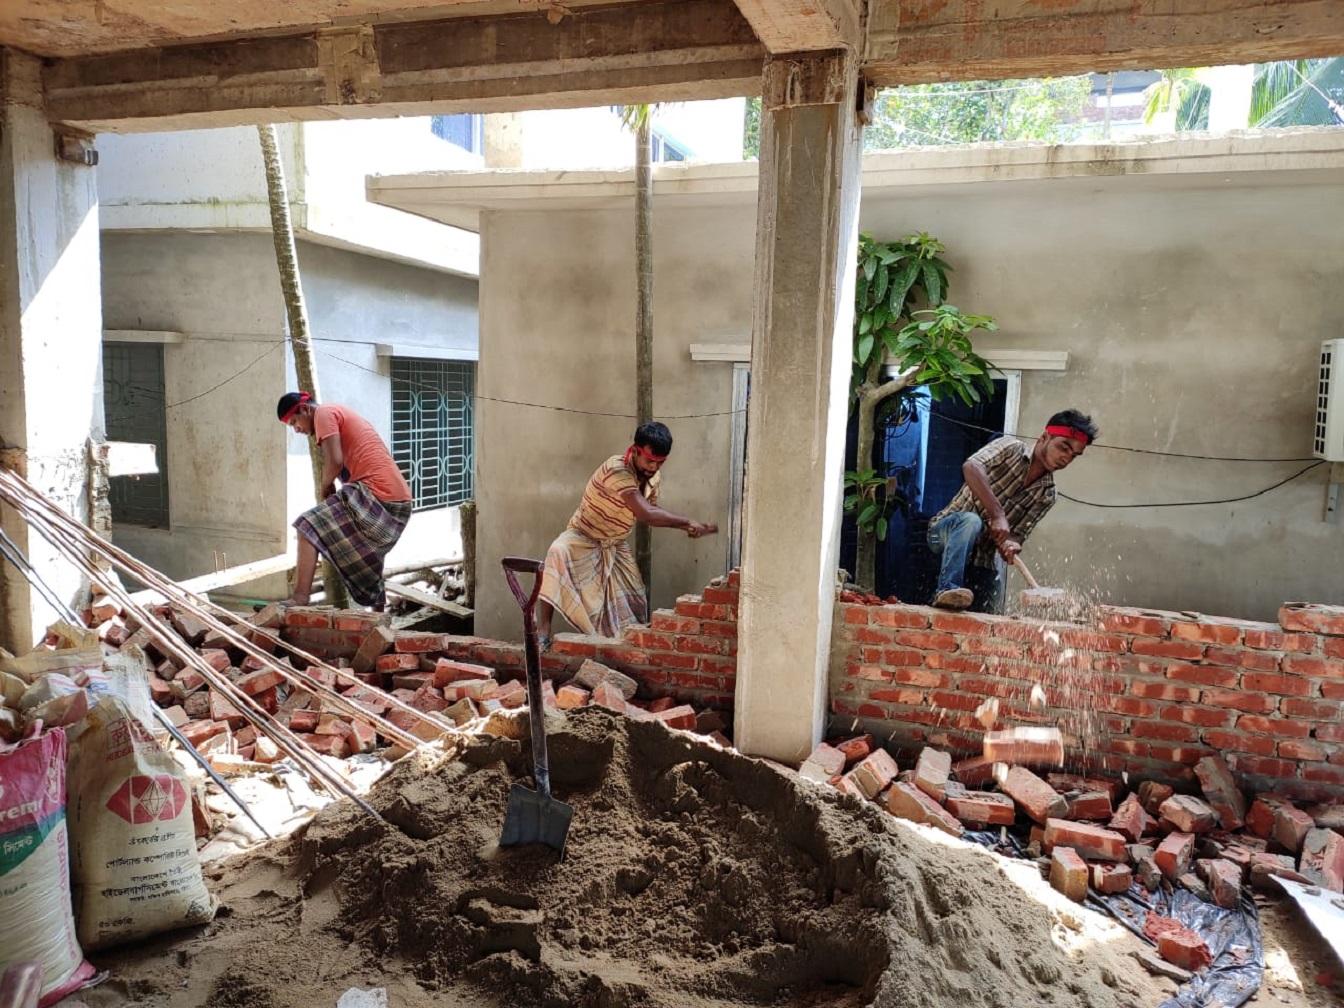 কক্সবাজার শহরে অনুমোদনহীন স্থাপনার বিরুদ্ধে কউকের অভিযান : ৫০ হাজার টাকা জরিমানা আদায়